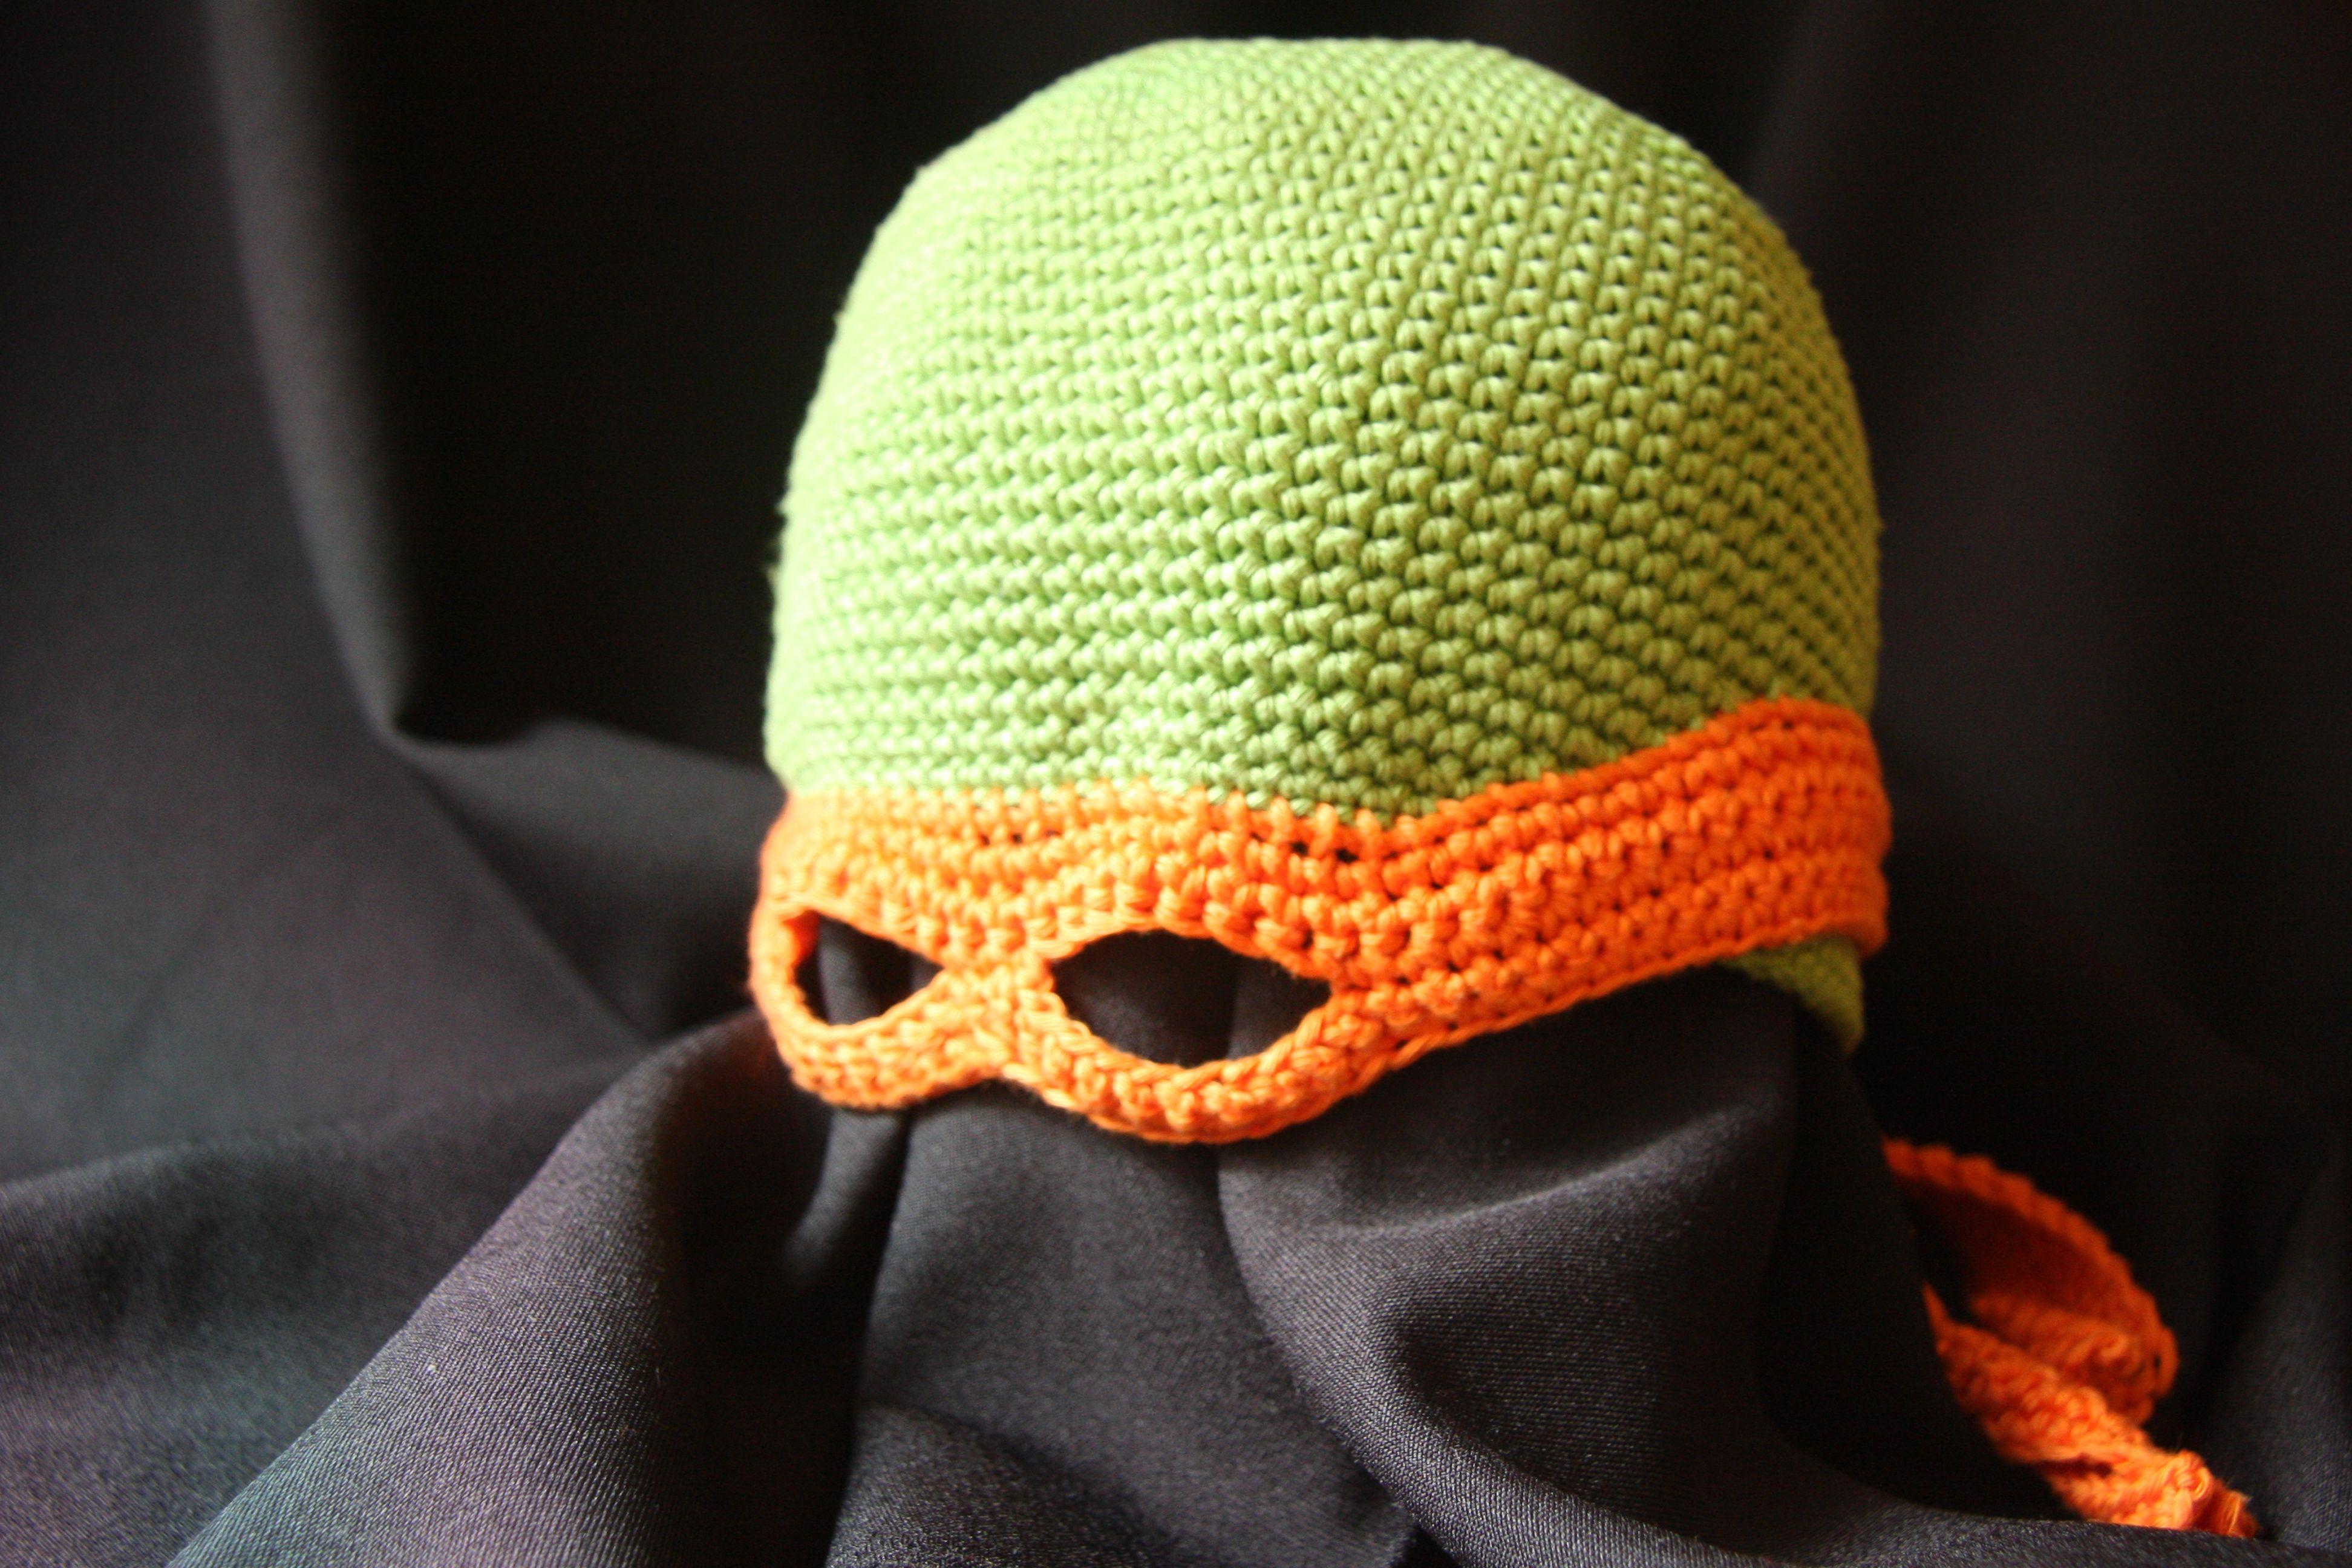 Gorro tortuga ninja, hecho con hilo 100% algodón. Antifaz móvil. Disponibilidad de tallas y los 4 colores de las tortugas.